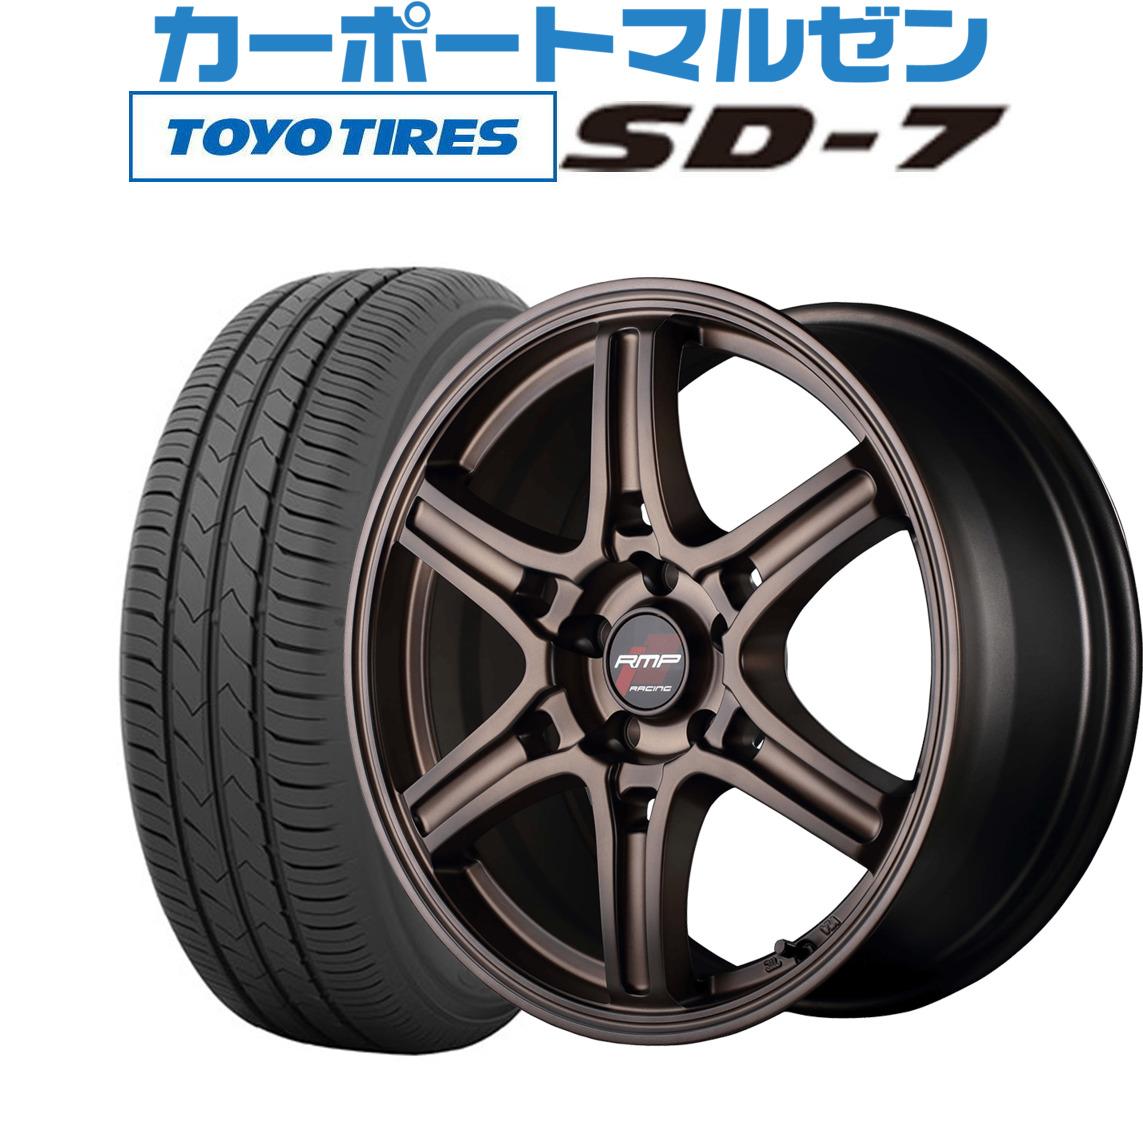 新品 215 60R17 サマータイヤ ホイール 4本セット 売買 送料無料 96H R60クラシカルブロンズ17インチ SD-7 TOYO 7.0Jトーヨー RMPレーシング 秀逸 4本セットMID